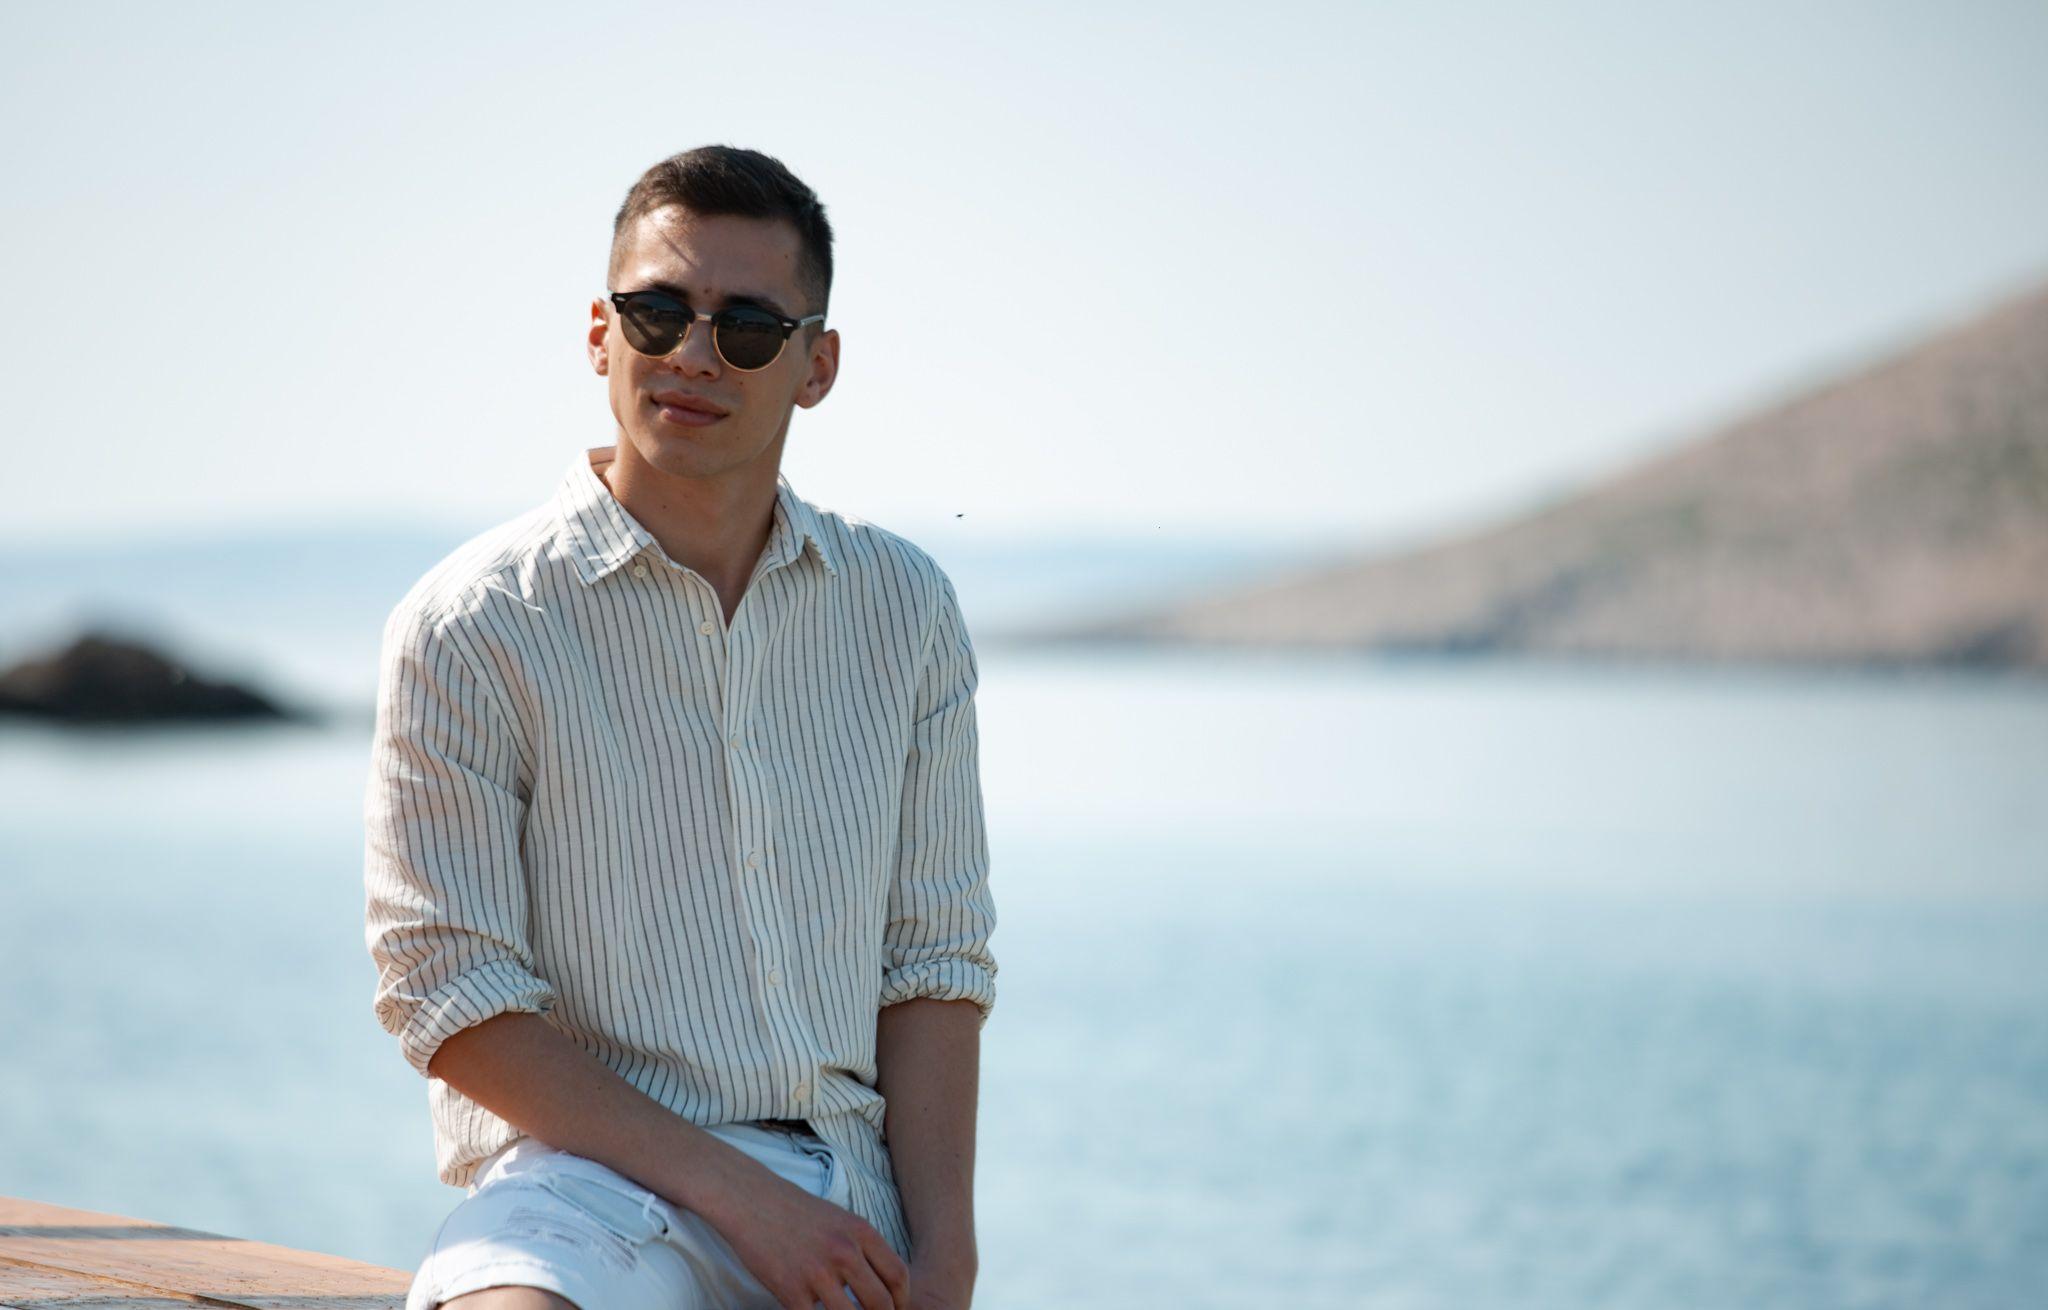 Mladi glazbenik vrući zagrebački asfalt zamijenio za hlad na otoku Rabu na kojem sprema novi singl